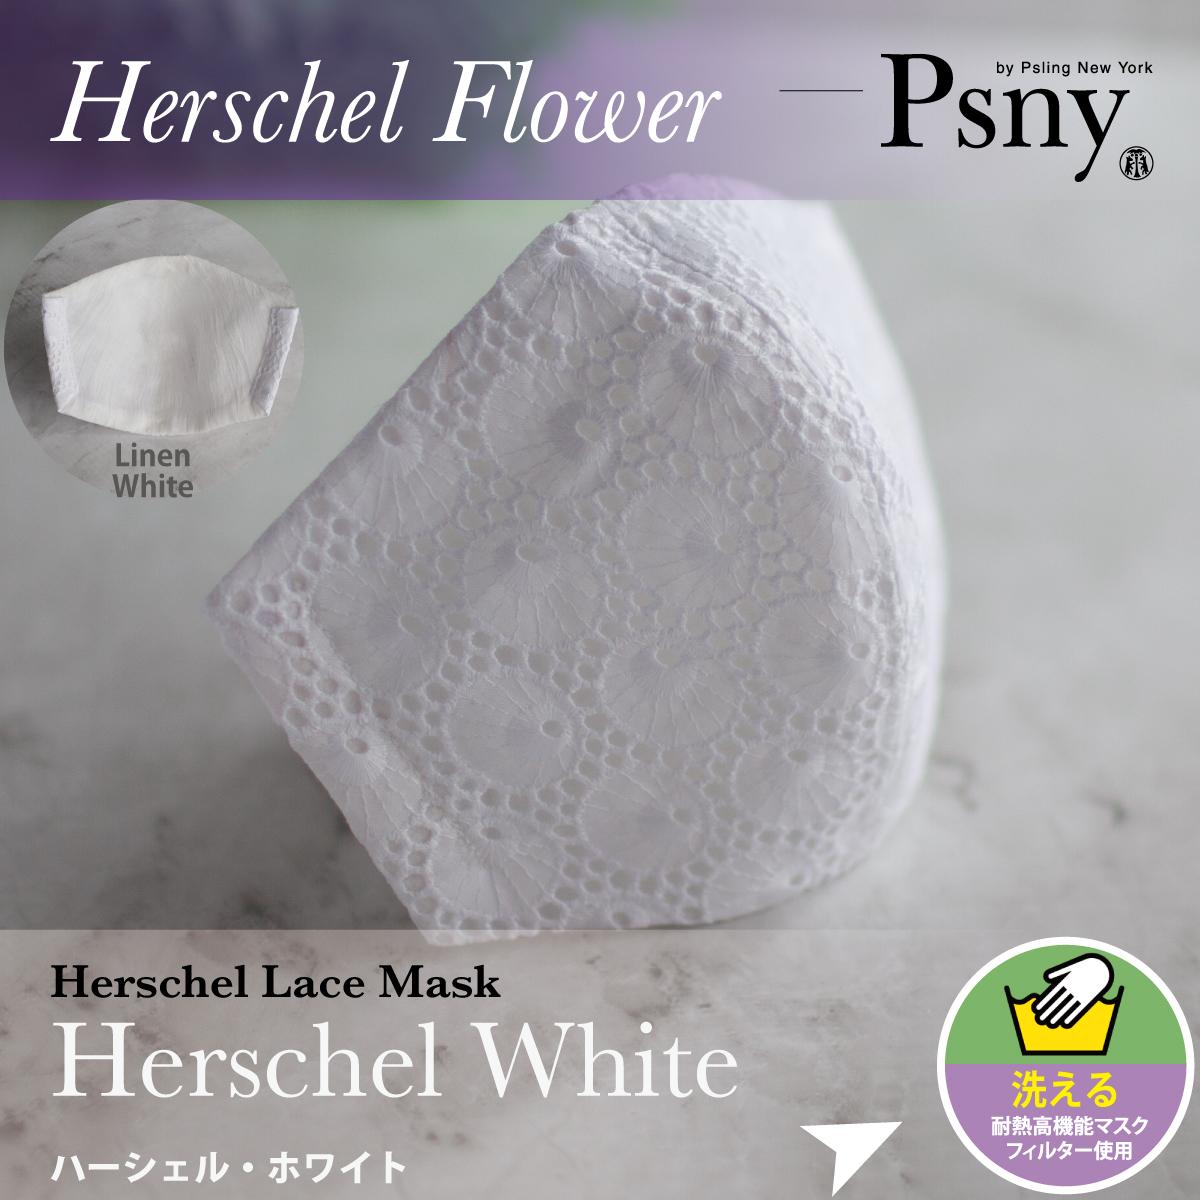 PSNY ハーシェル レース・ホワイト 花粉 黄砂 洗える不織布フィルター入り 立体 大人用 マスク 送料無料 L48